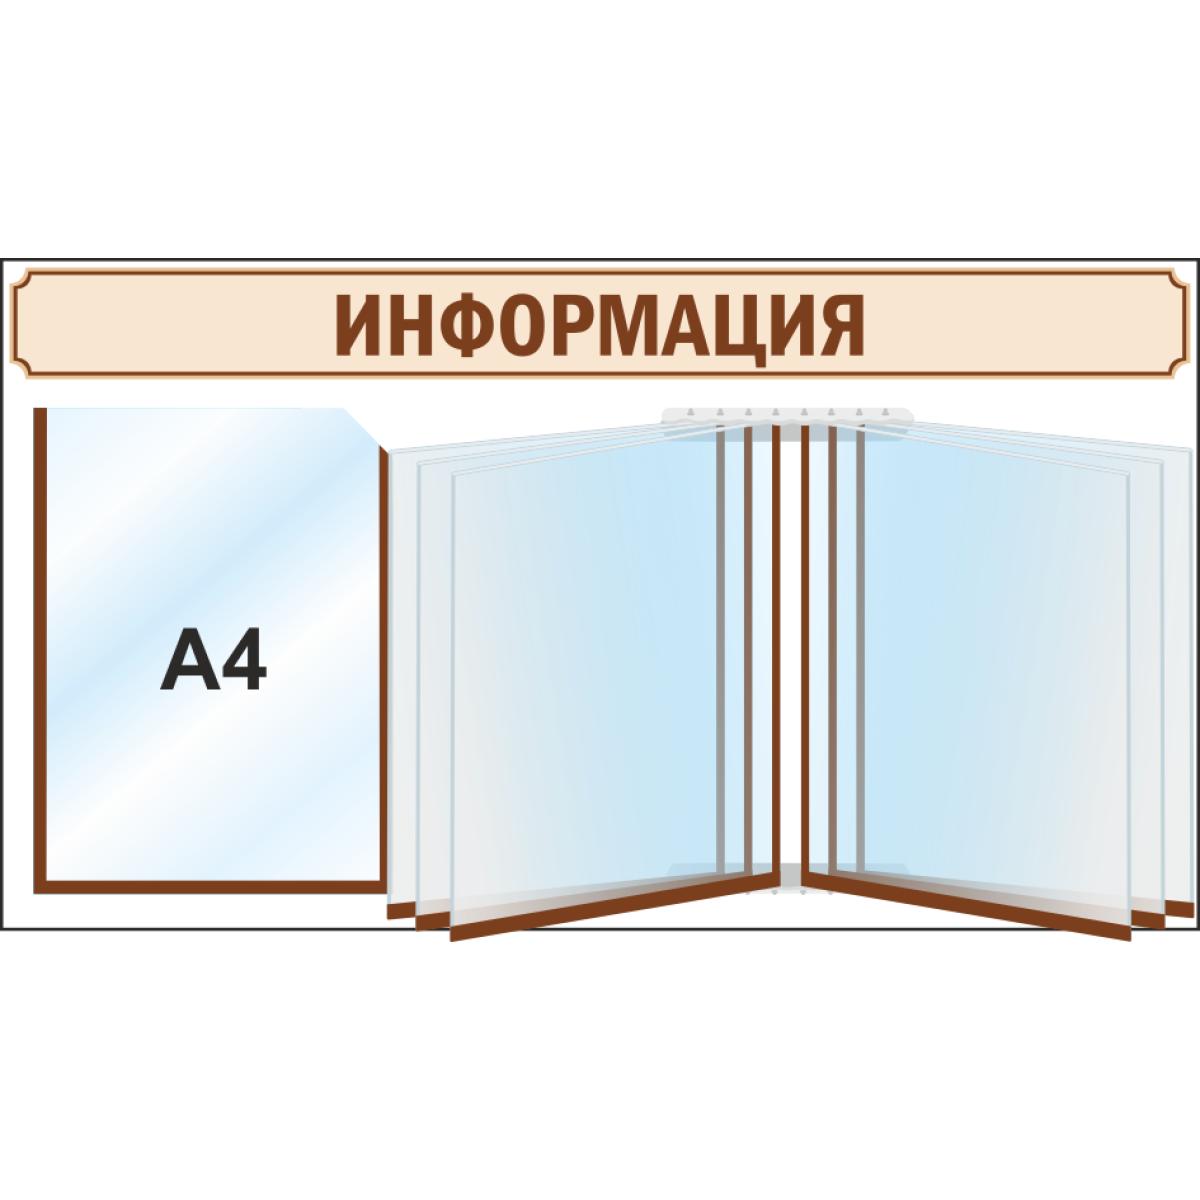 Стенд информационный 3201, 750*420 мм, книга,карм А4